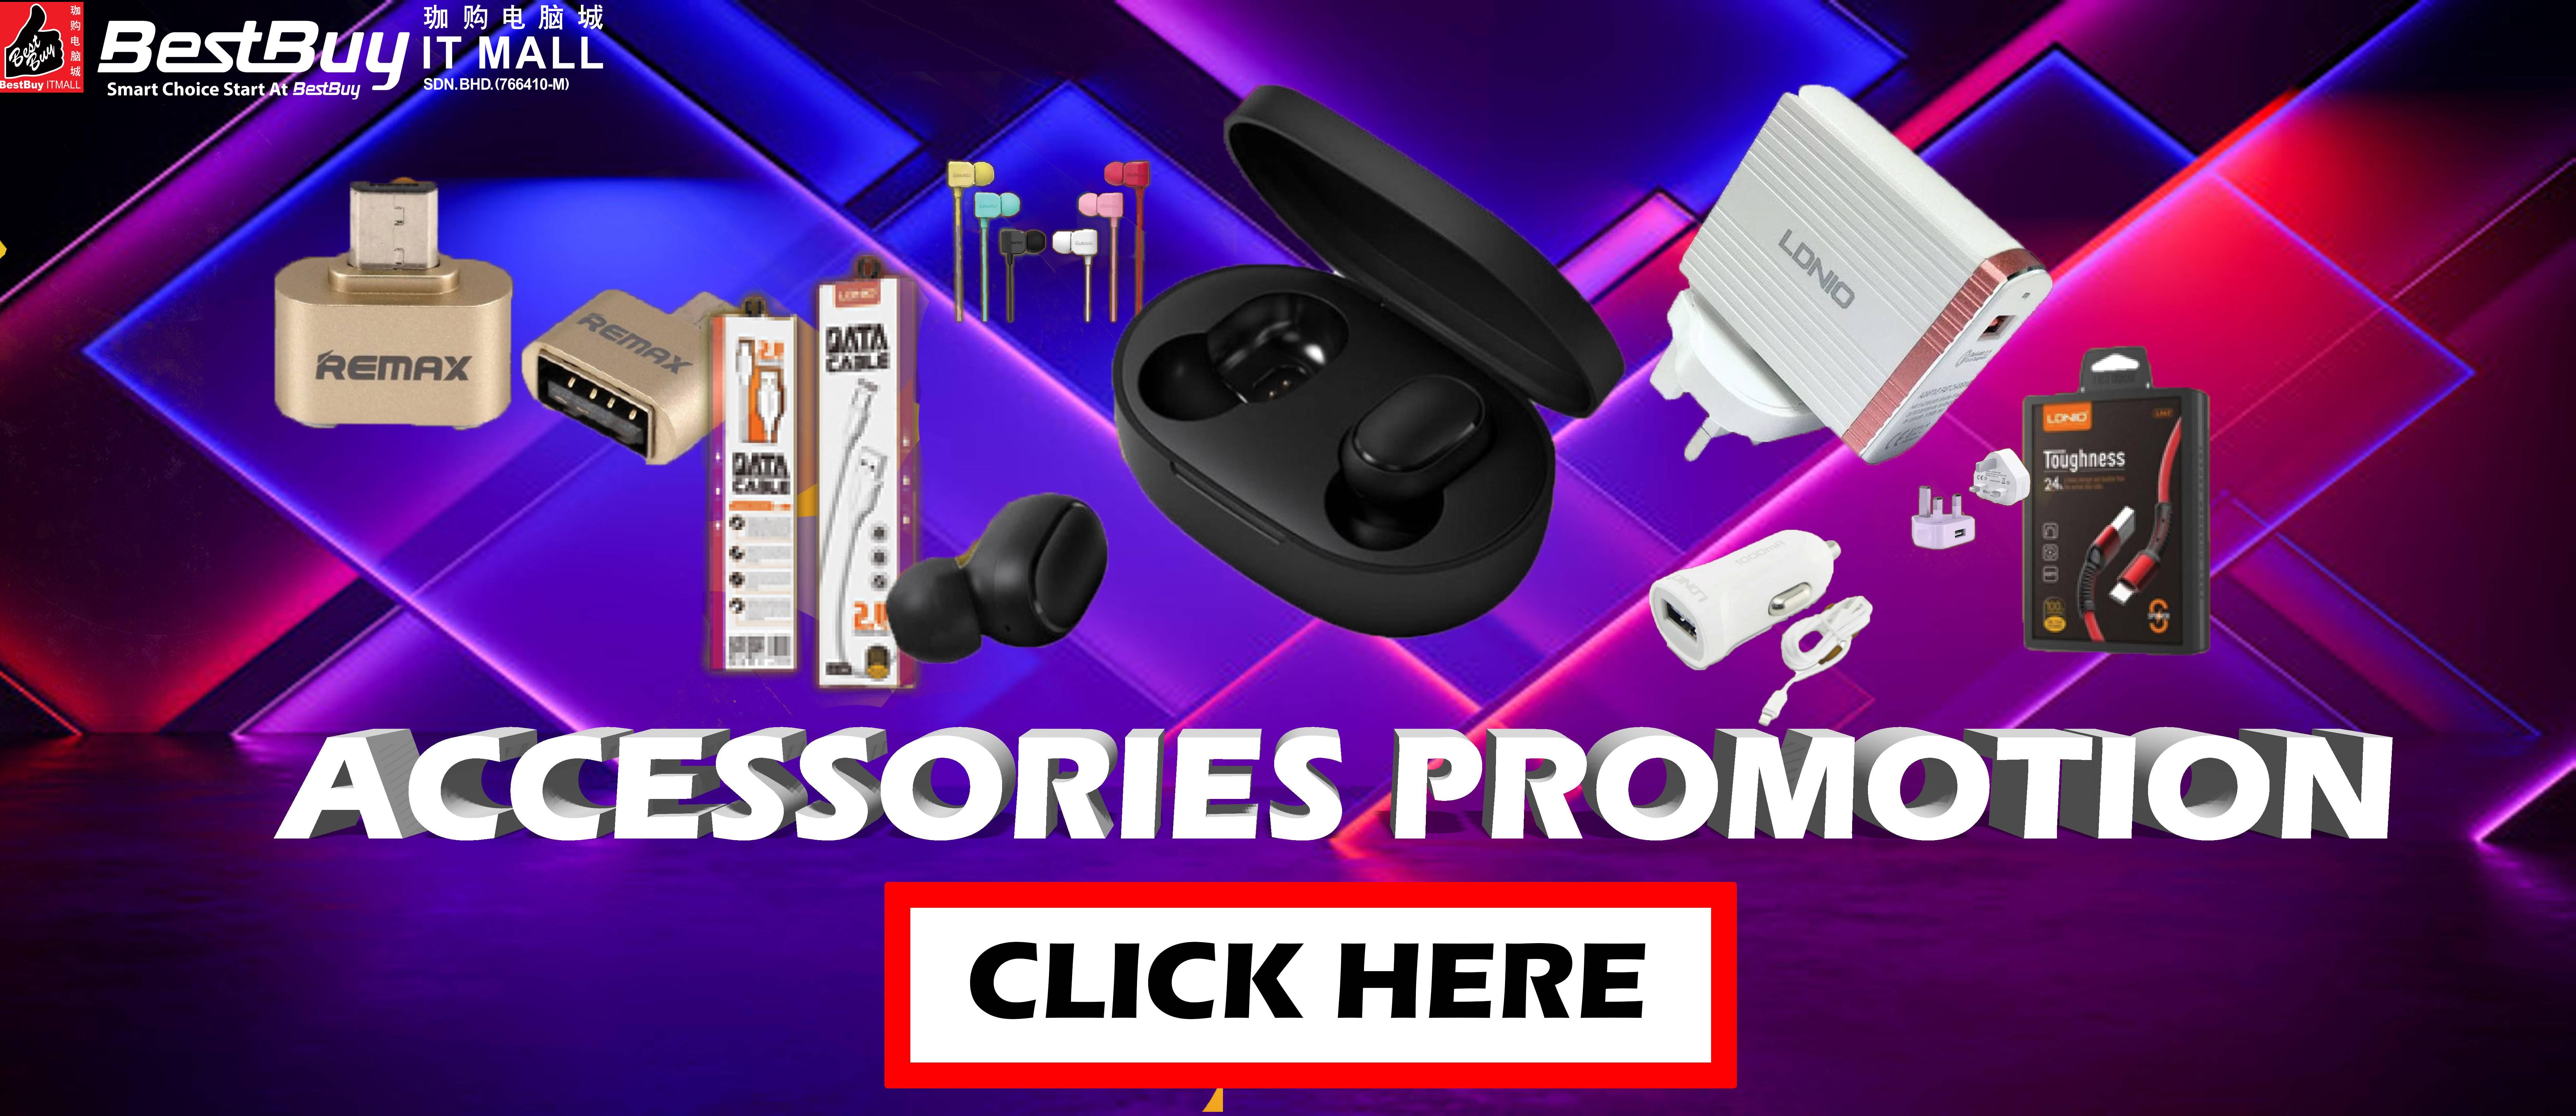 Accessories Promo Oct 2019